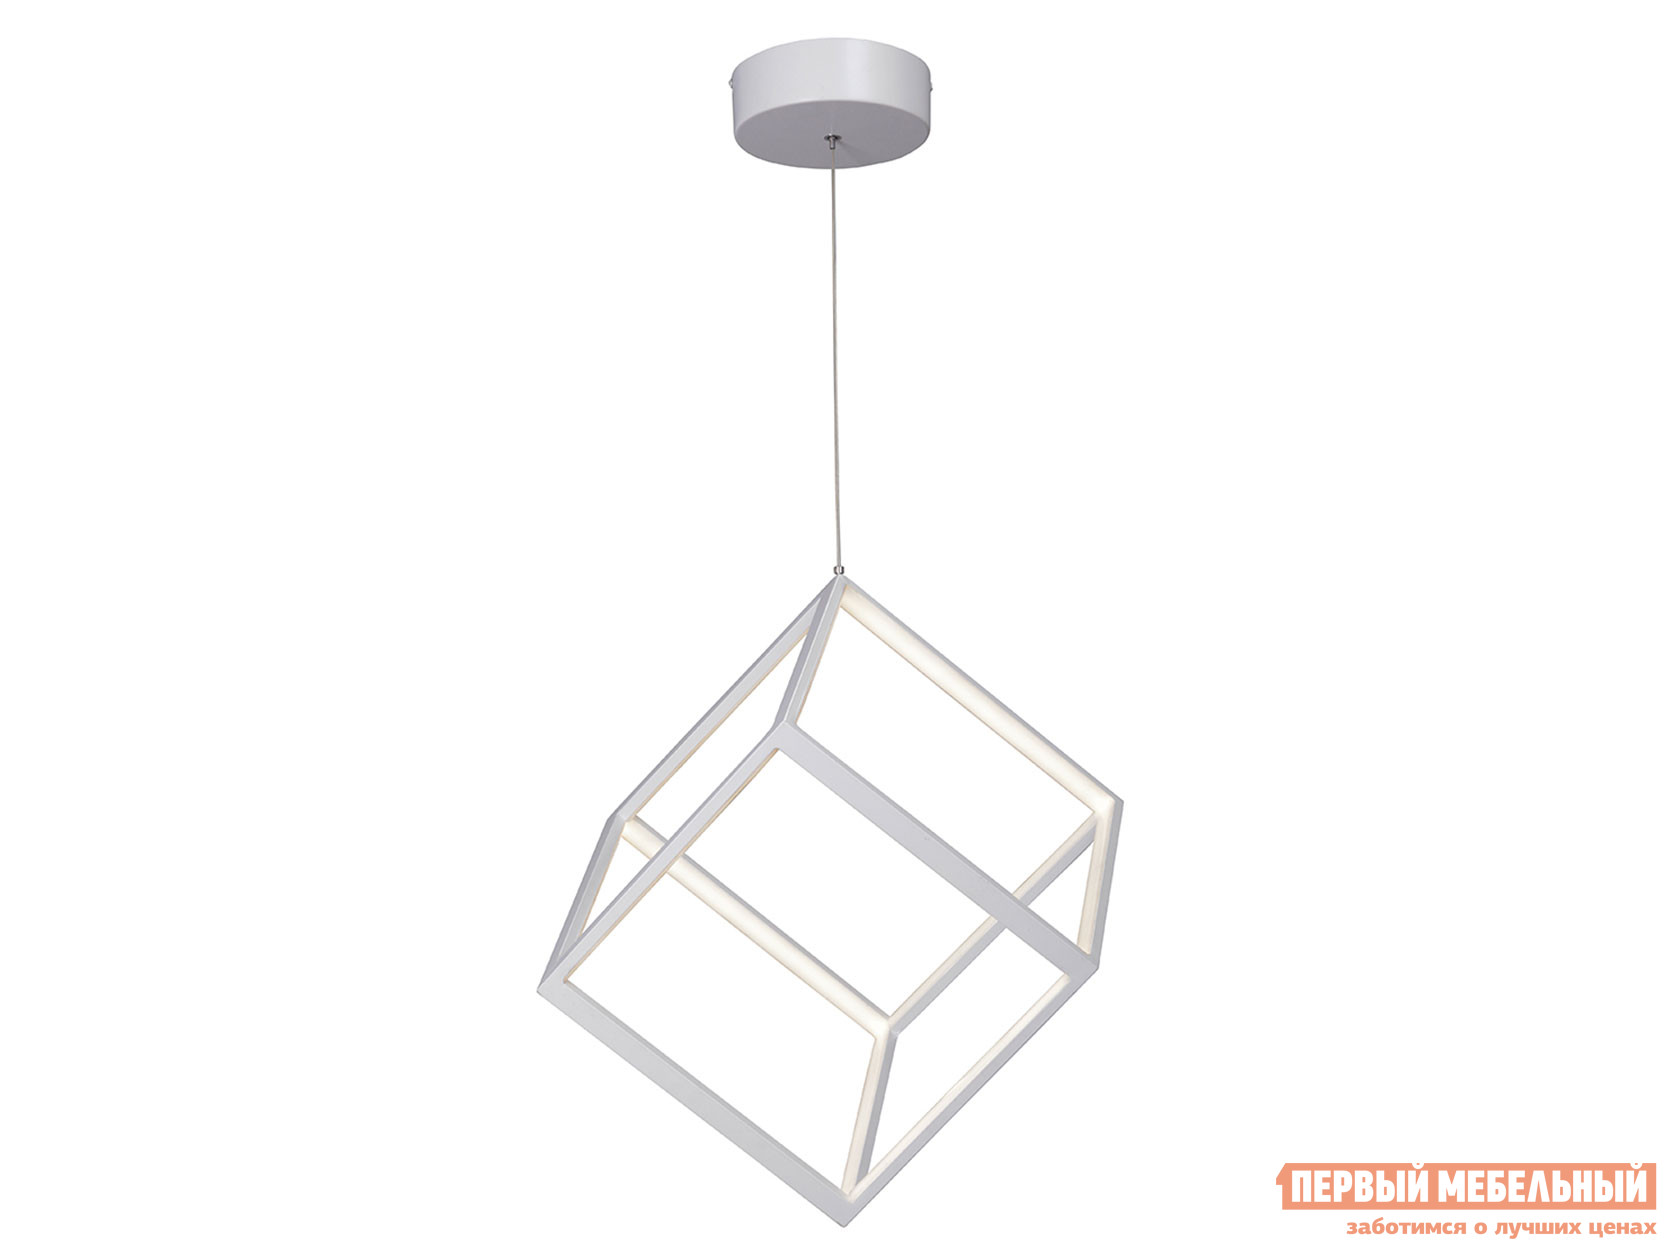 Фото - Подвесной светильник КСК-электро Светодиодный светильник V4620-0/1S, LED 37Вт, 3900-4200K подвесной светильник кск электро светодиодный светильник v4617 1 2s led 91вт 3900 4200k